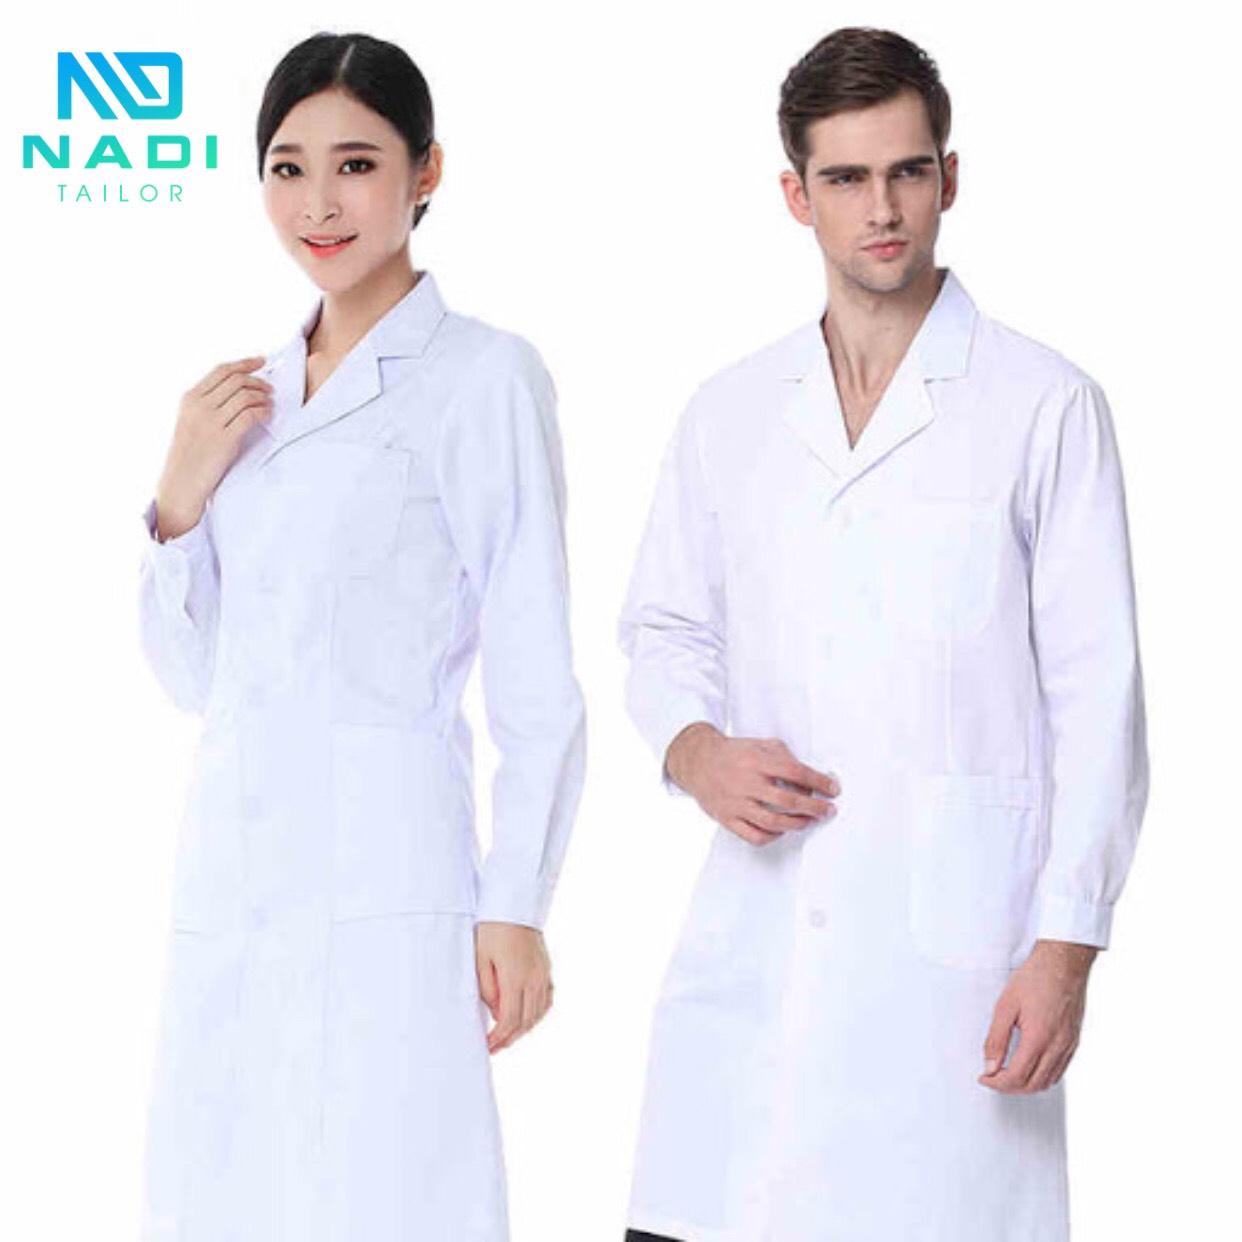 Quần áo bảo hộ cho các bác sĩ